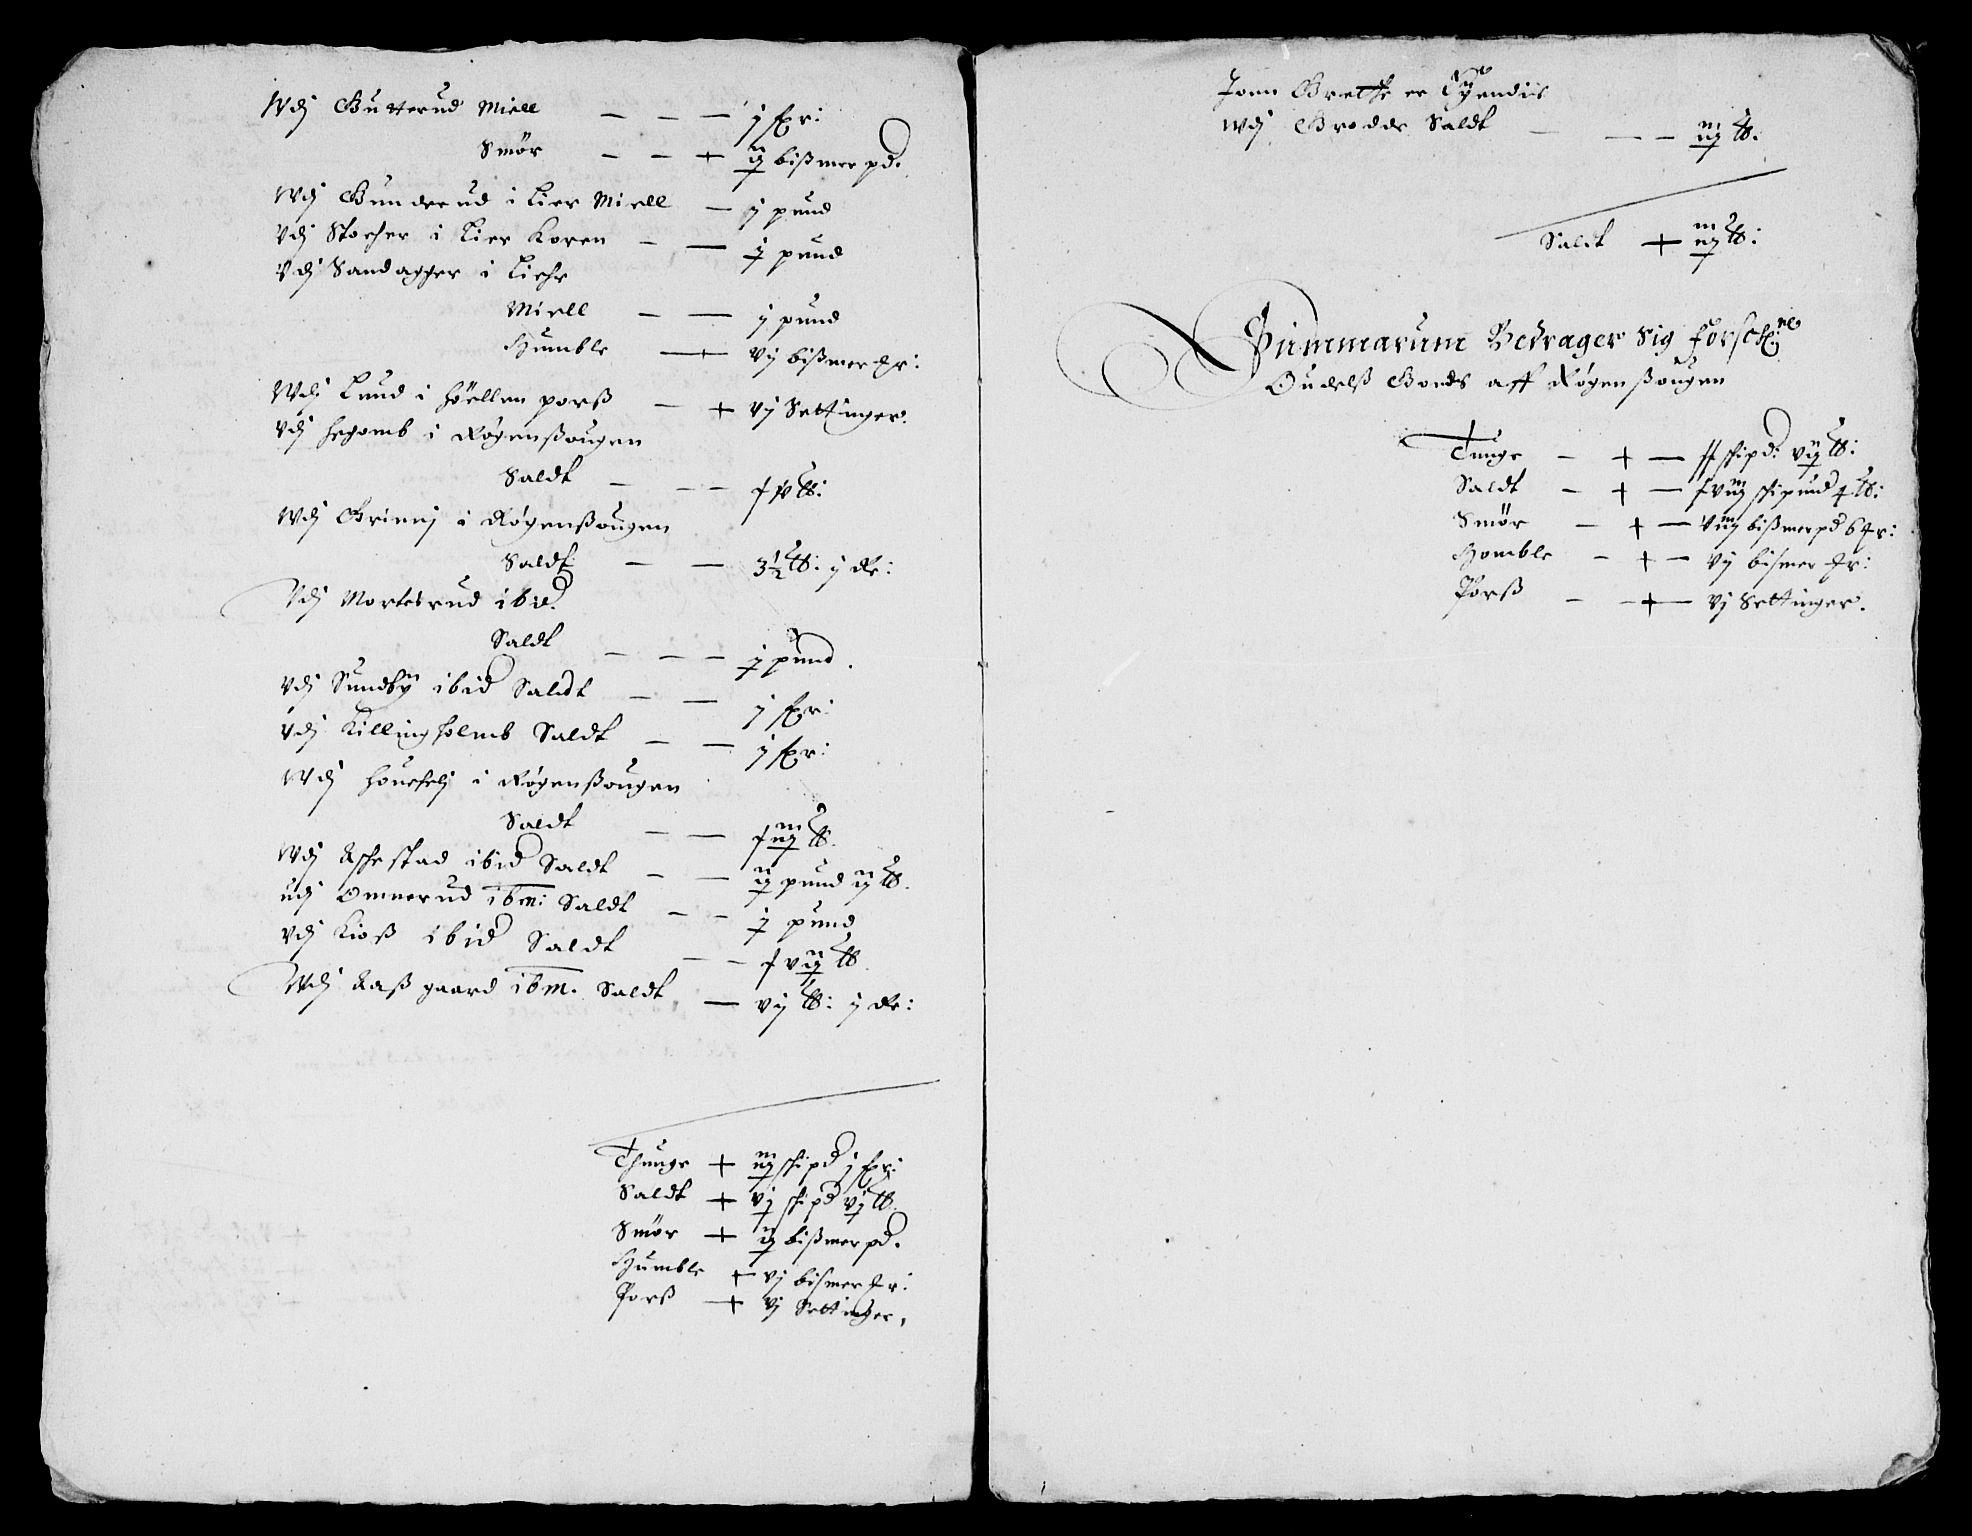 RA, Rentekammeret inntil 1814, Reviderte regnskaper, Lensregnskaper, R/Rb/Rba/L0212: Akershus len, 1652-1653, s. upaginert